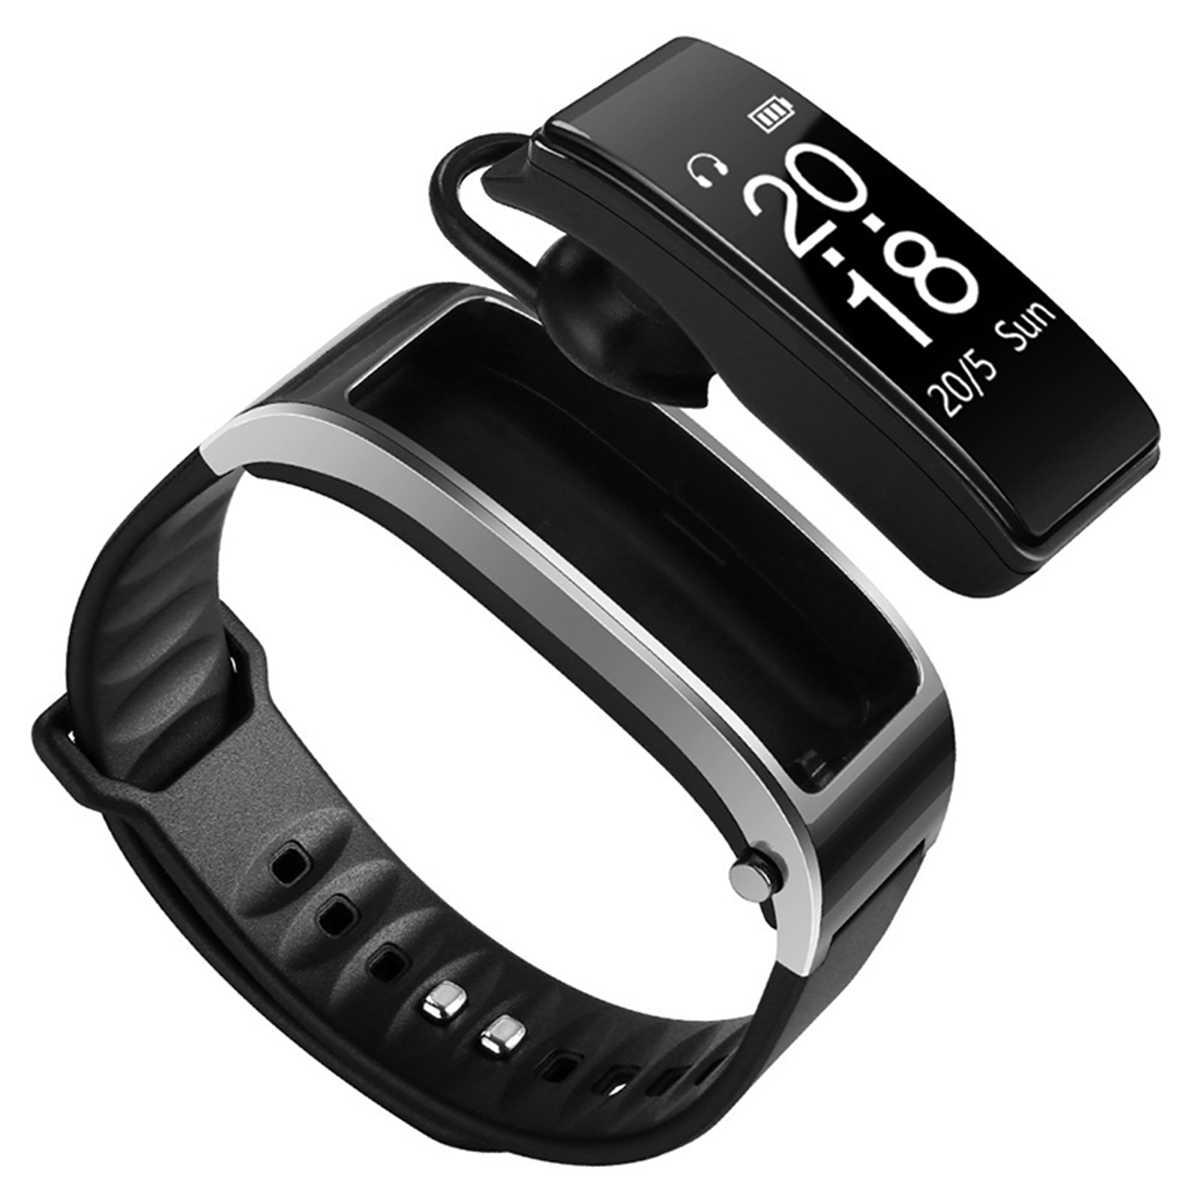 Смарт-часы для мужчин Y3 с функцией мониторинга сердечного ритма, шагомер, смарт-браслет, гарнитура 2 в 1, напоминание для телефона, Bluetooth, Смарт-часы для мужчин